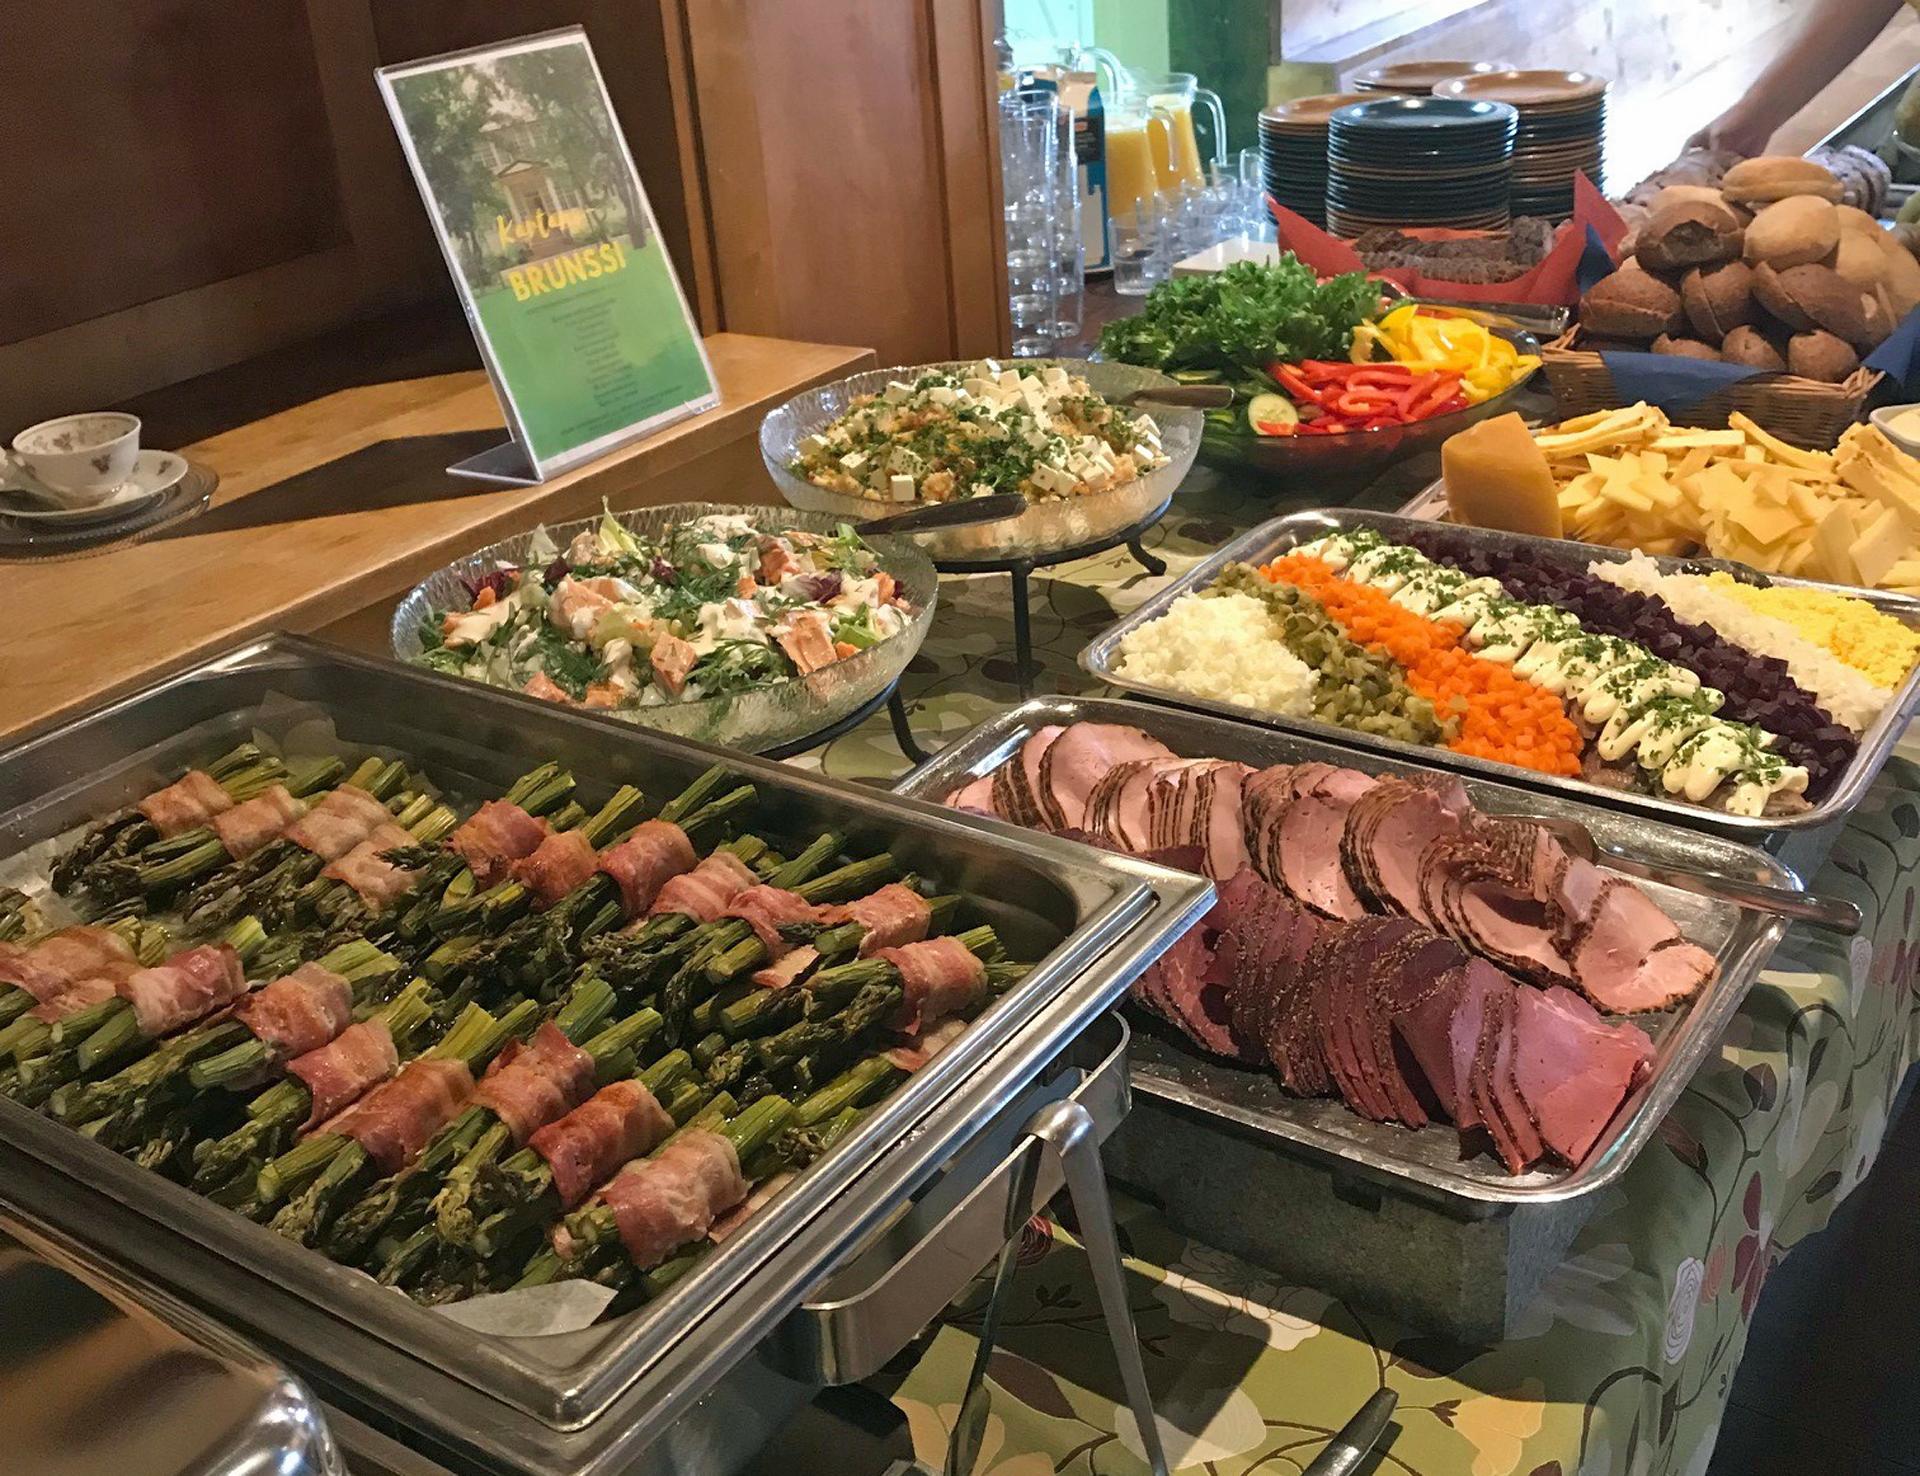 brunssitarjoilussa kauden kasviksia, paikallisia juustoja ja lihaleikkeitä, salaatteja, sämpylöitä